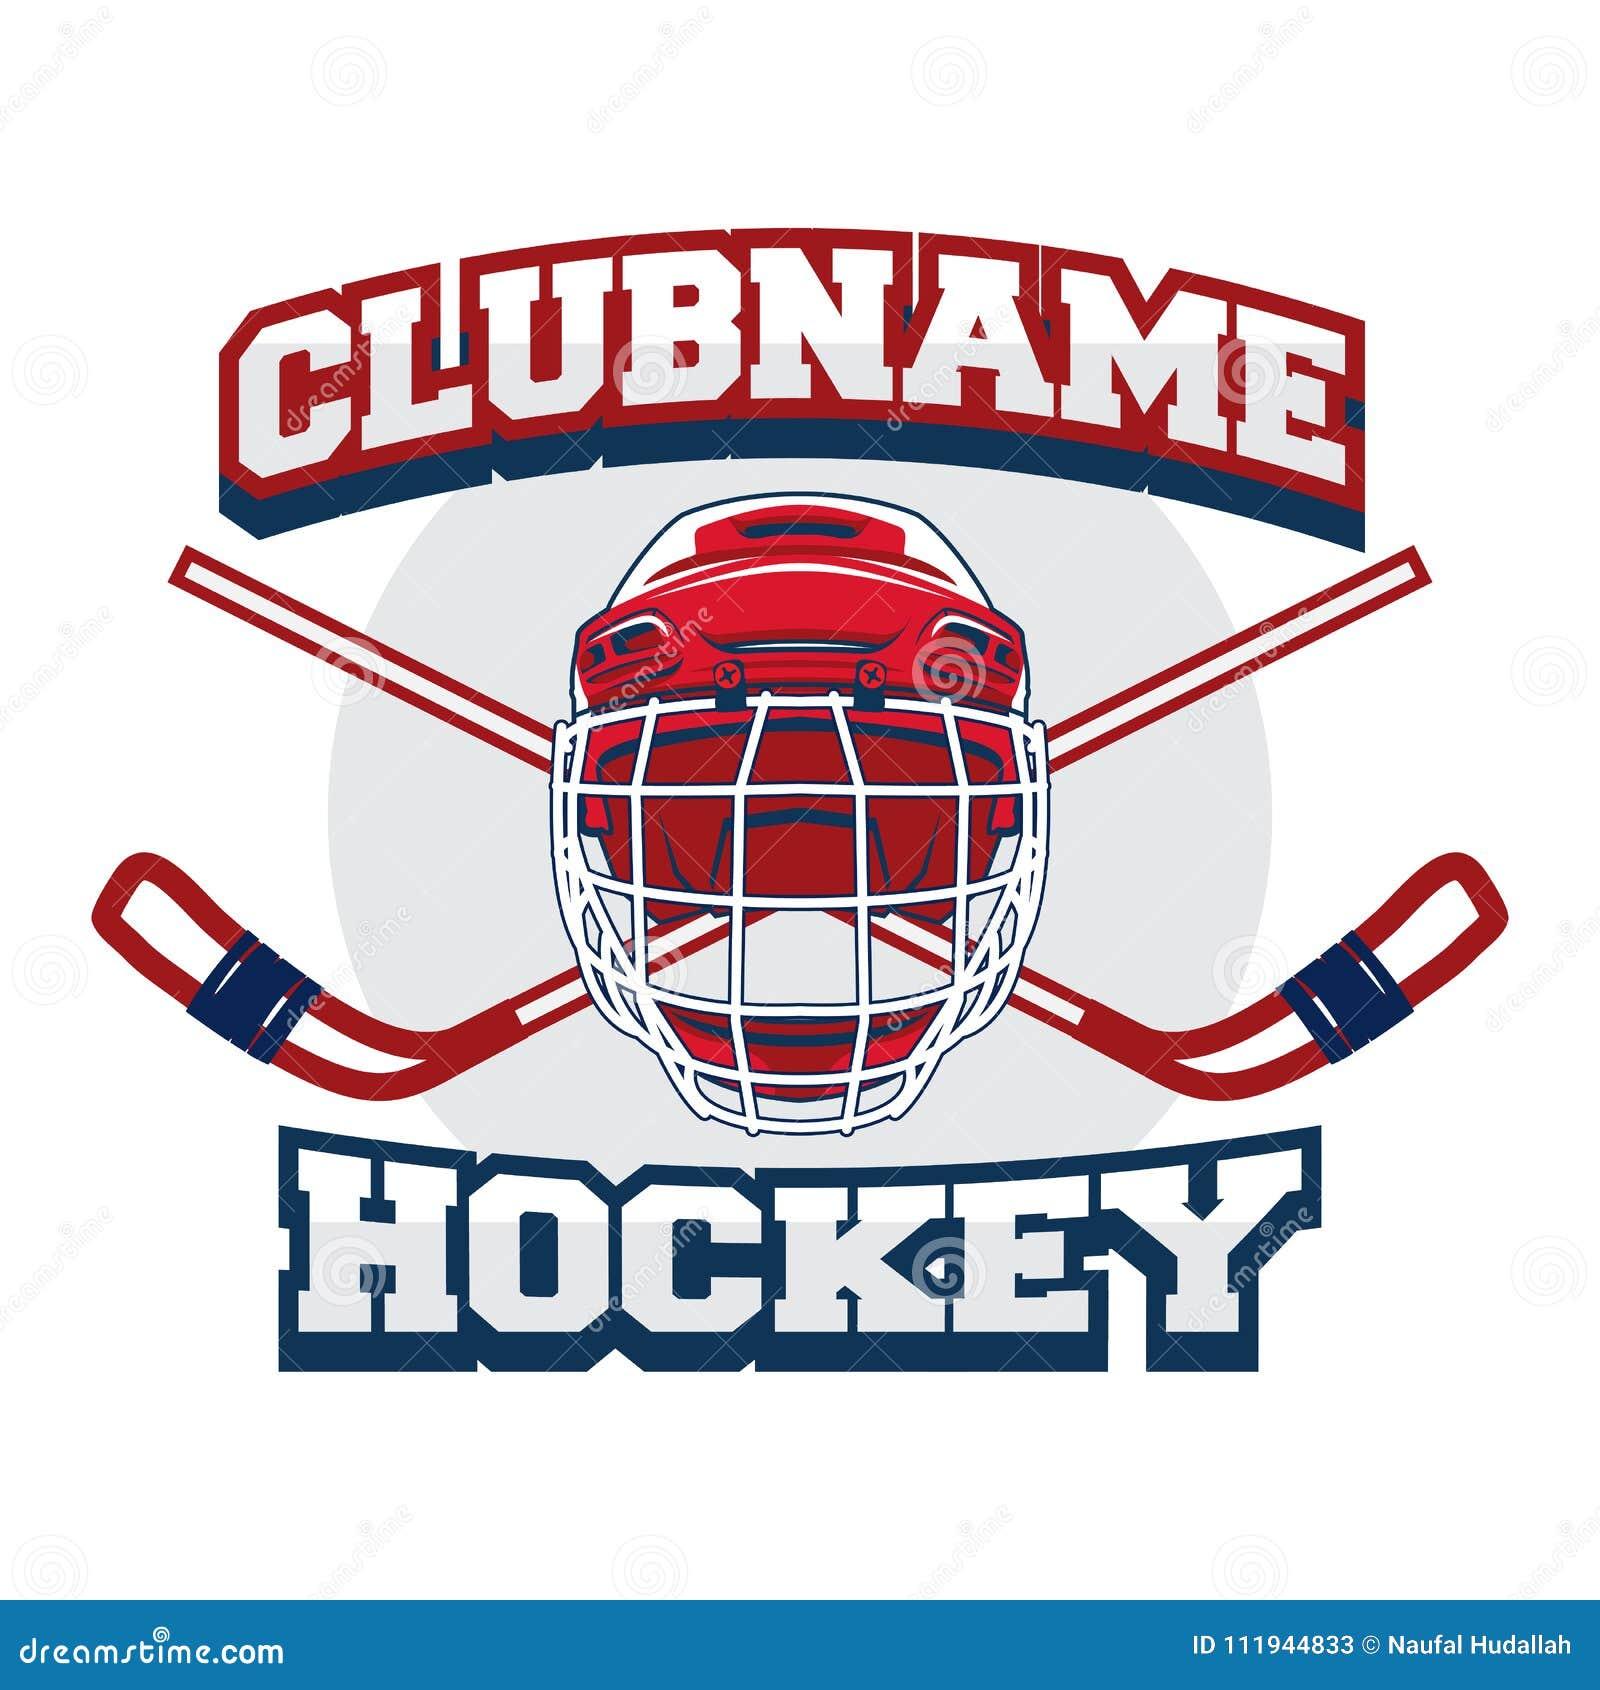 Hockey Logo Badge Emblem Template For Team And Tournament Event